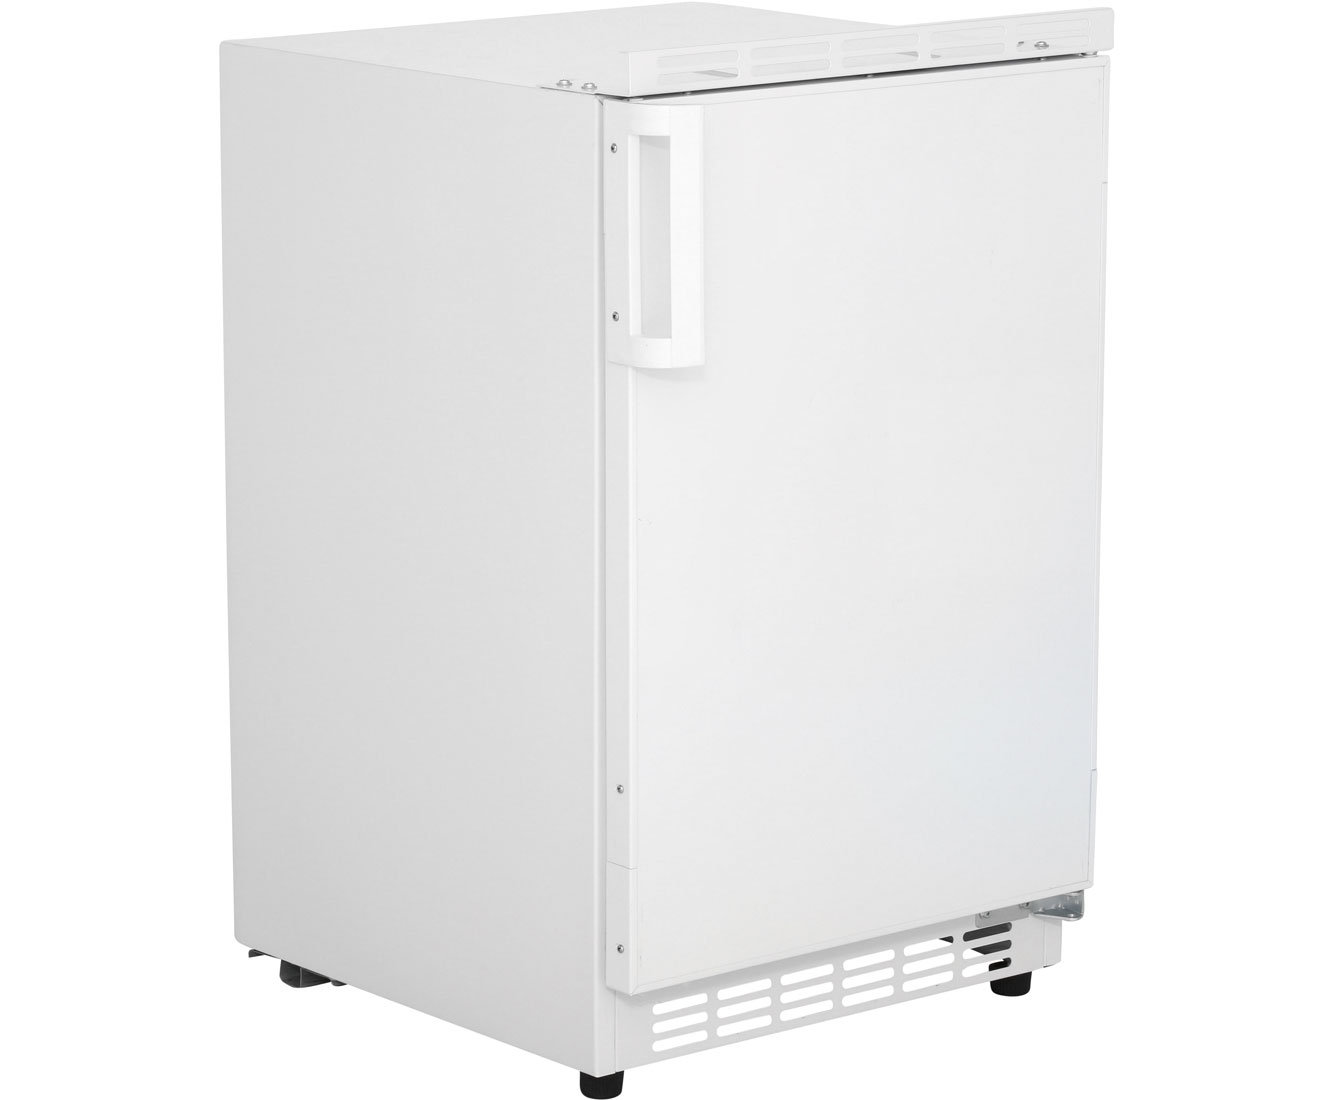 Amica Kühlschrank Firma : Amica uks unterbau kühlschrank mit gefrierfach er nische